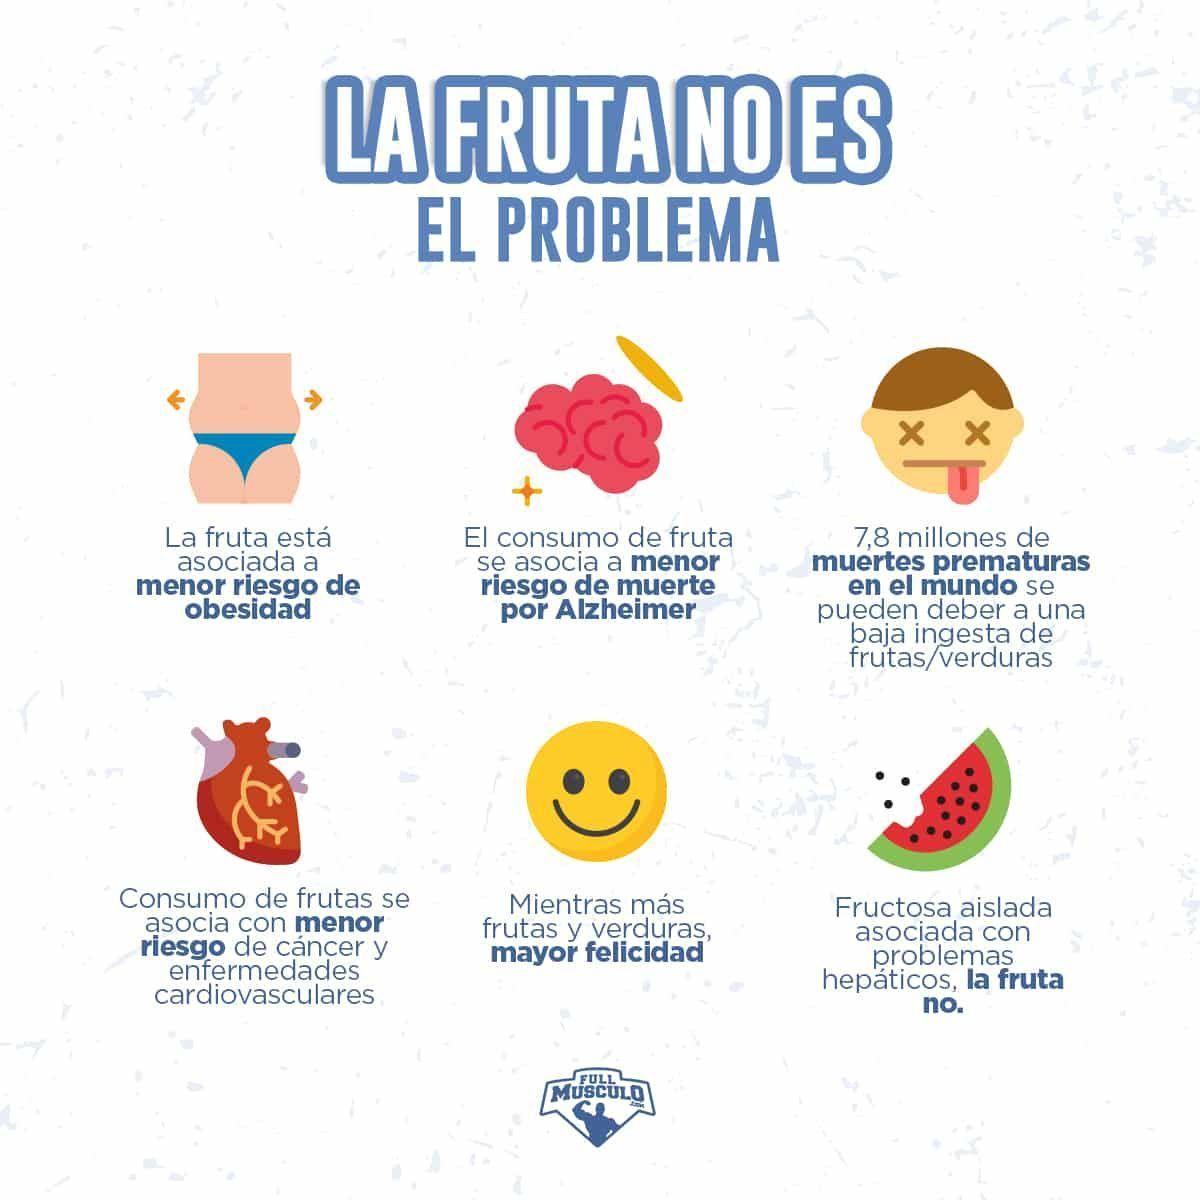 #bodybuilding #fullmusculo #infografía #infographic #felicidad